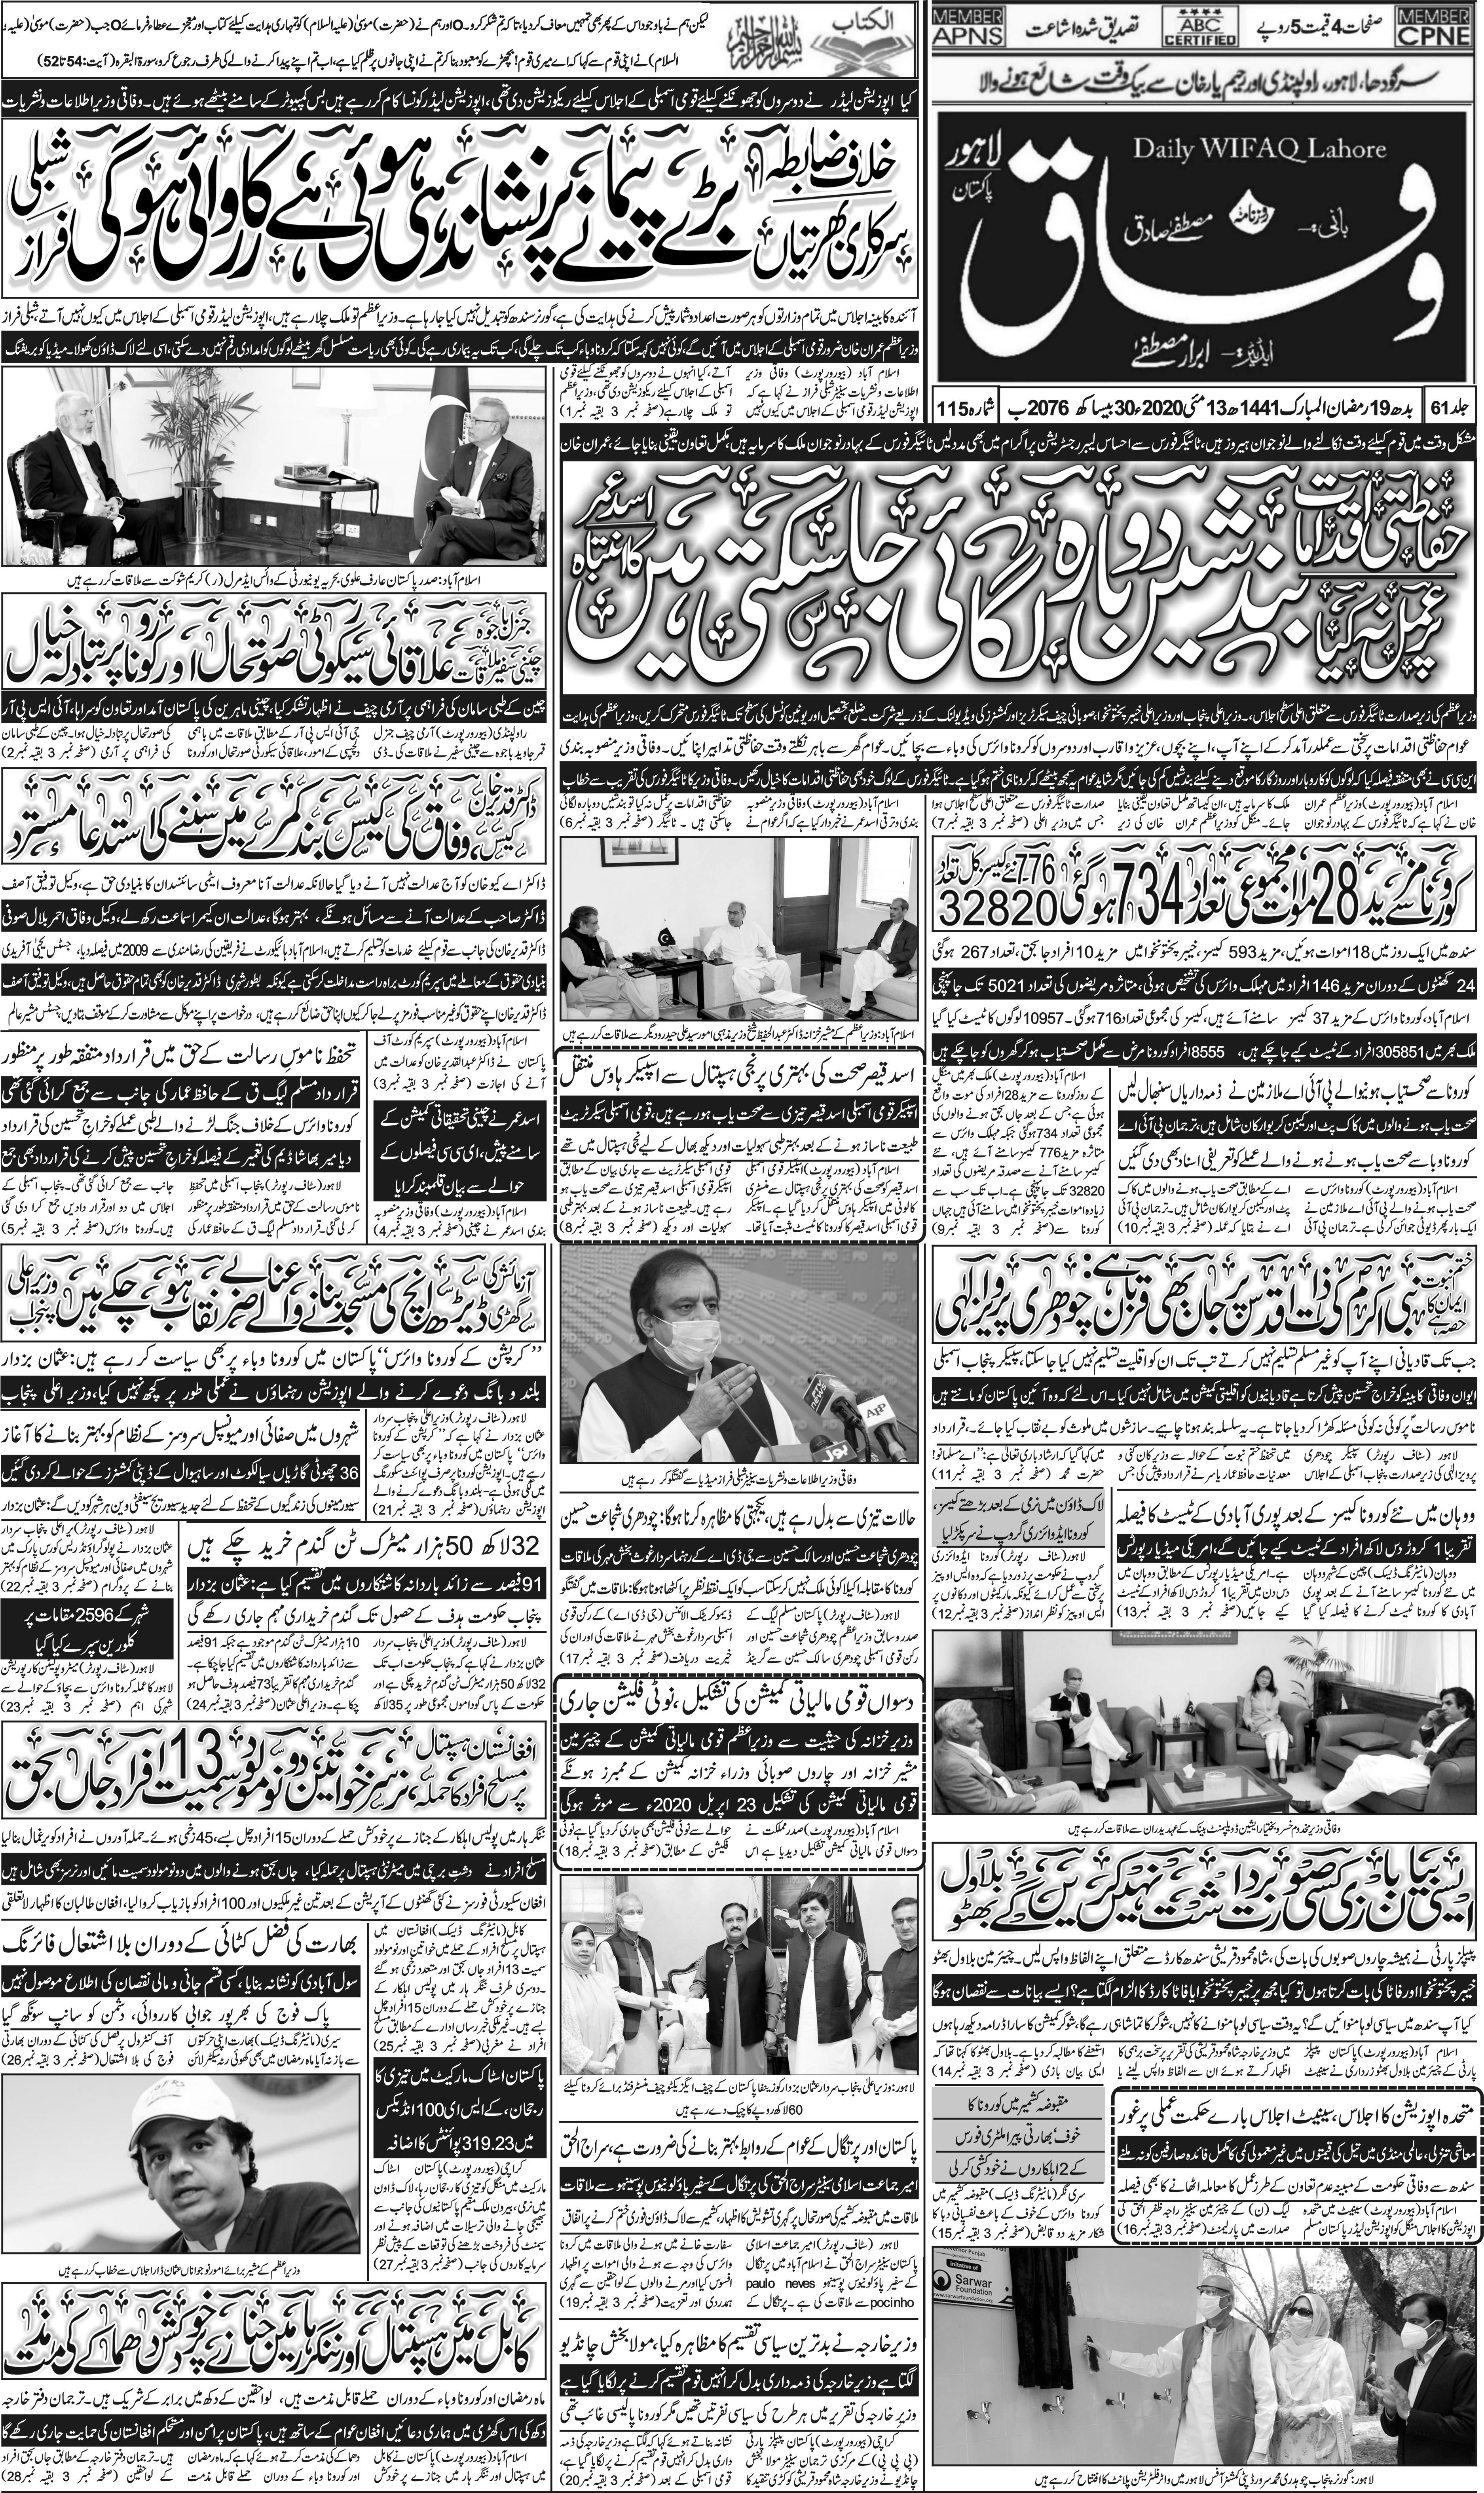 e-Paper – Daily Wifaq – 13-05-2020